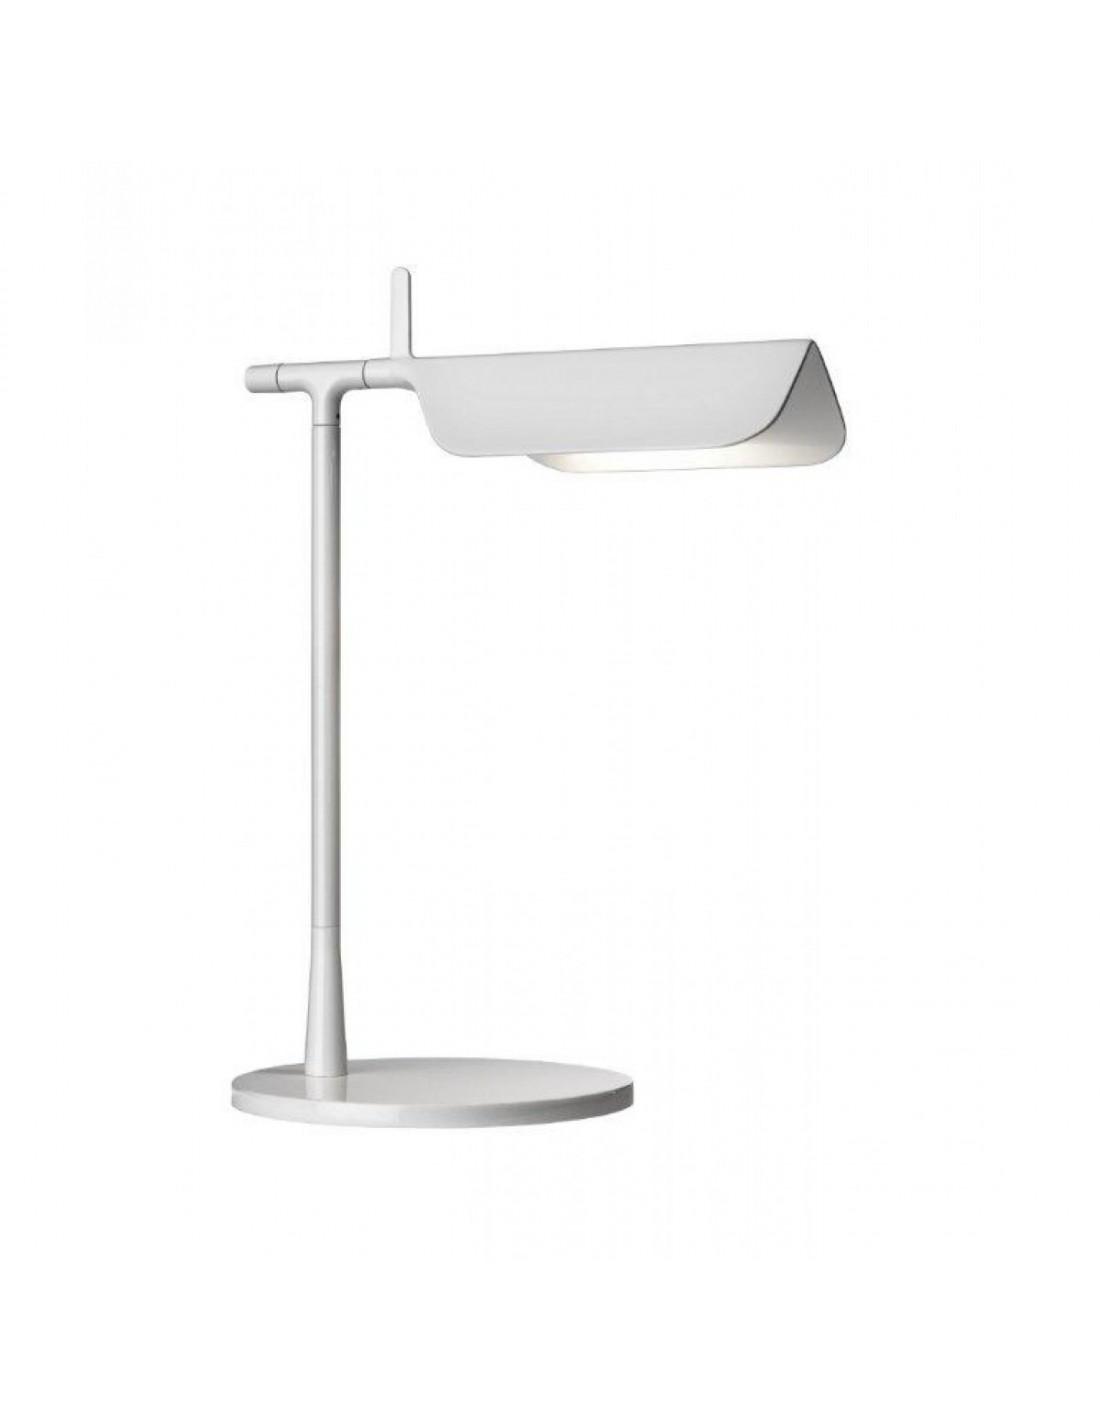 Lampe de table Tab T LED blanche de flos